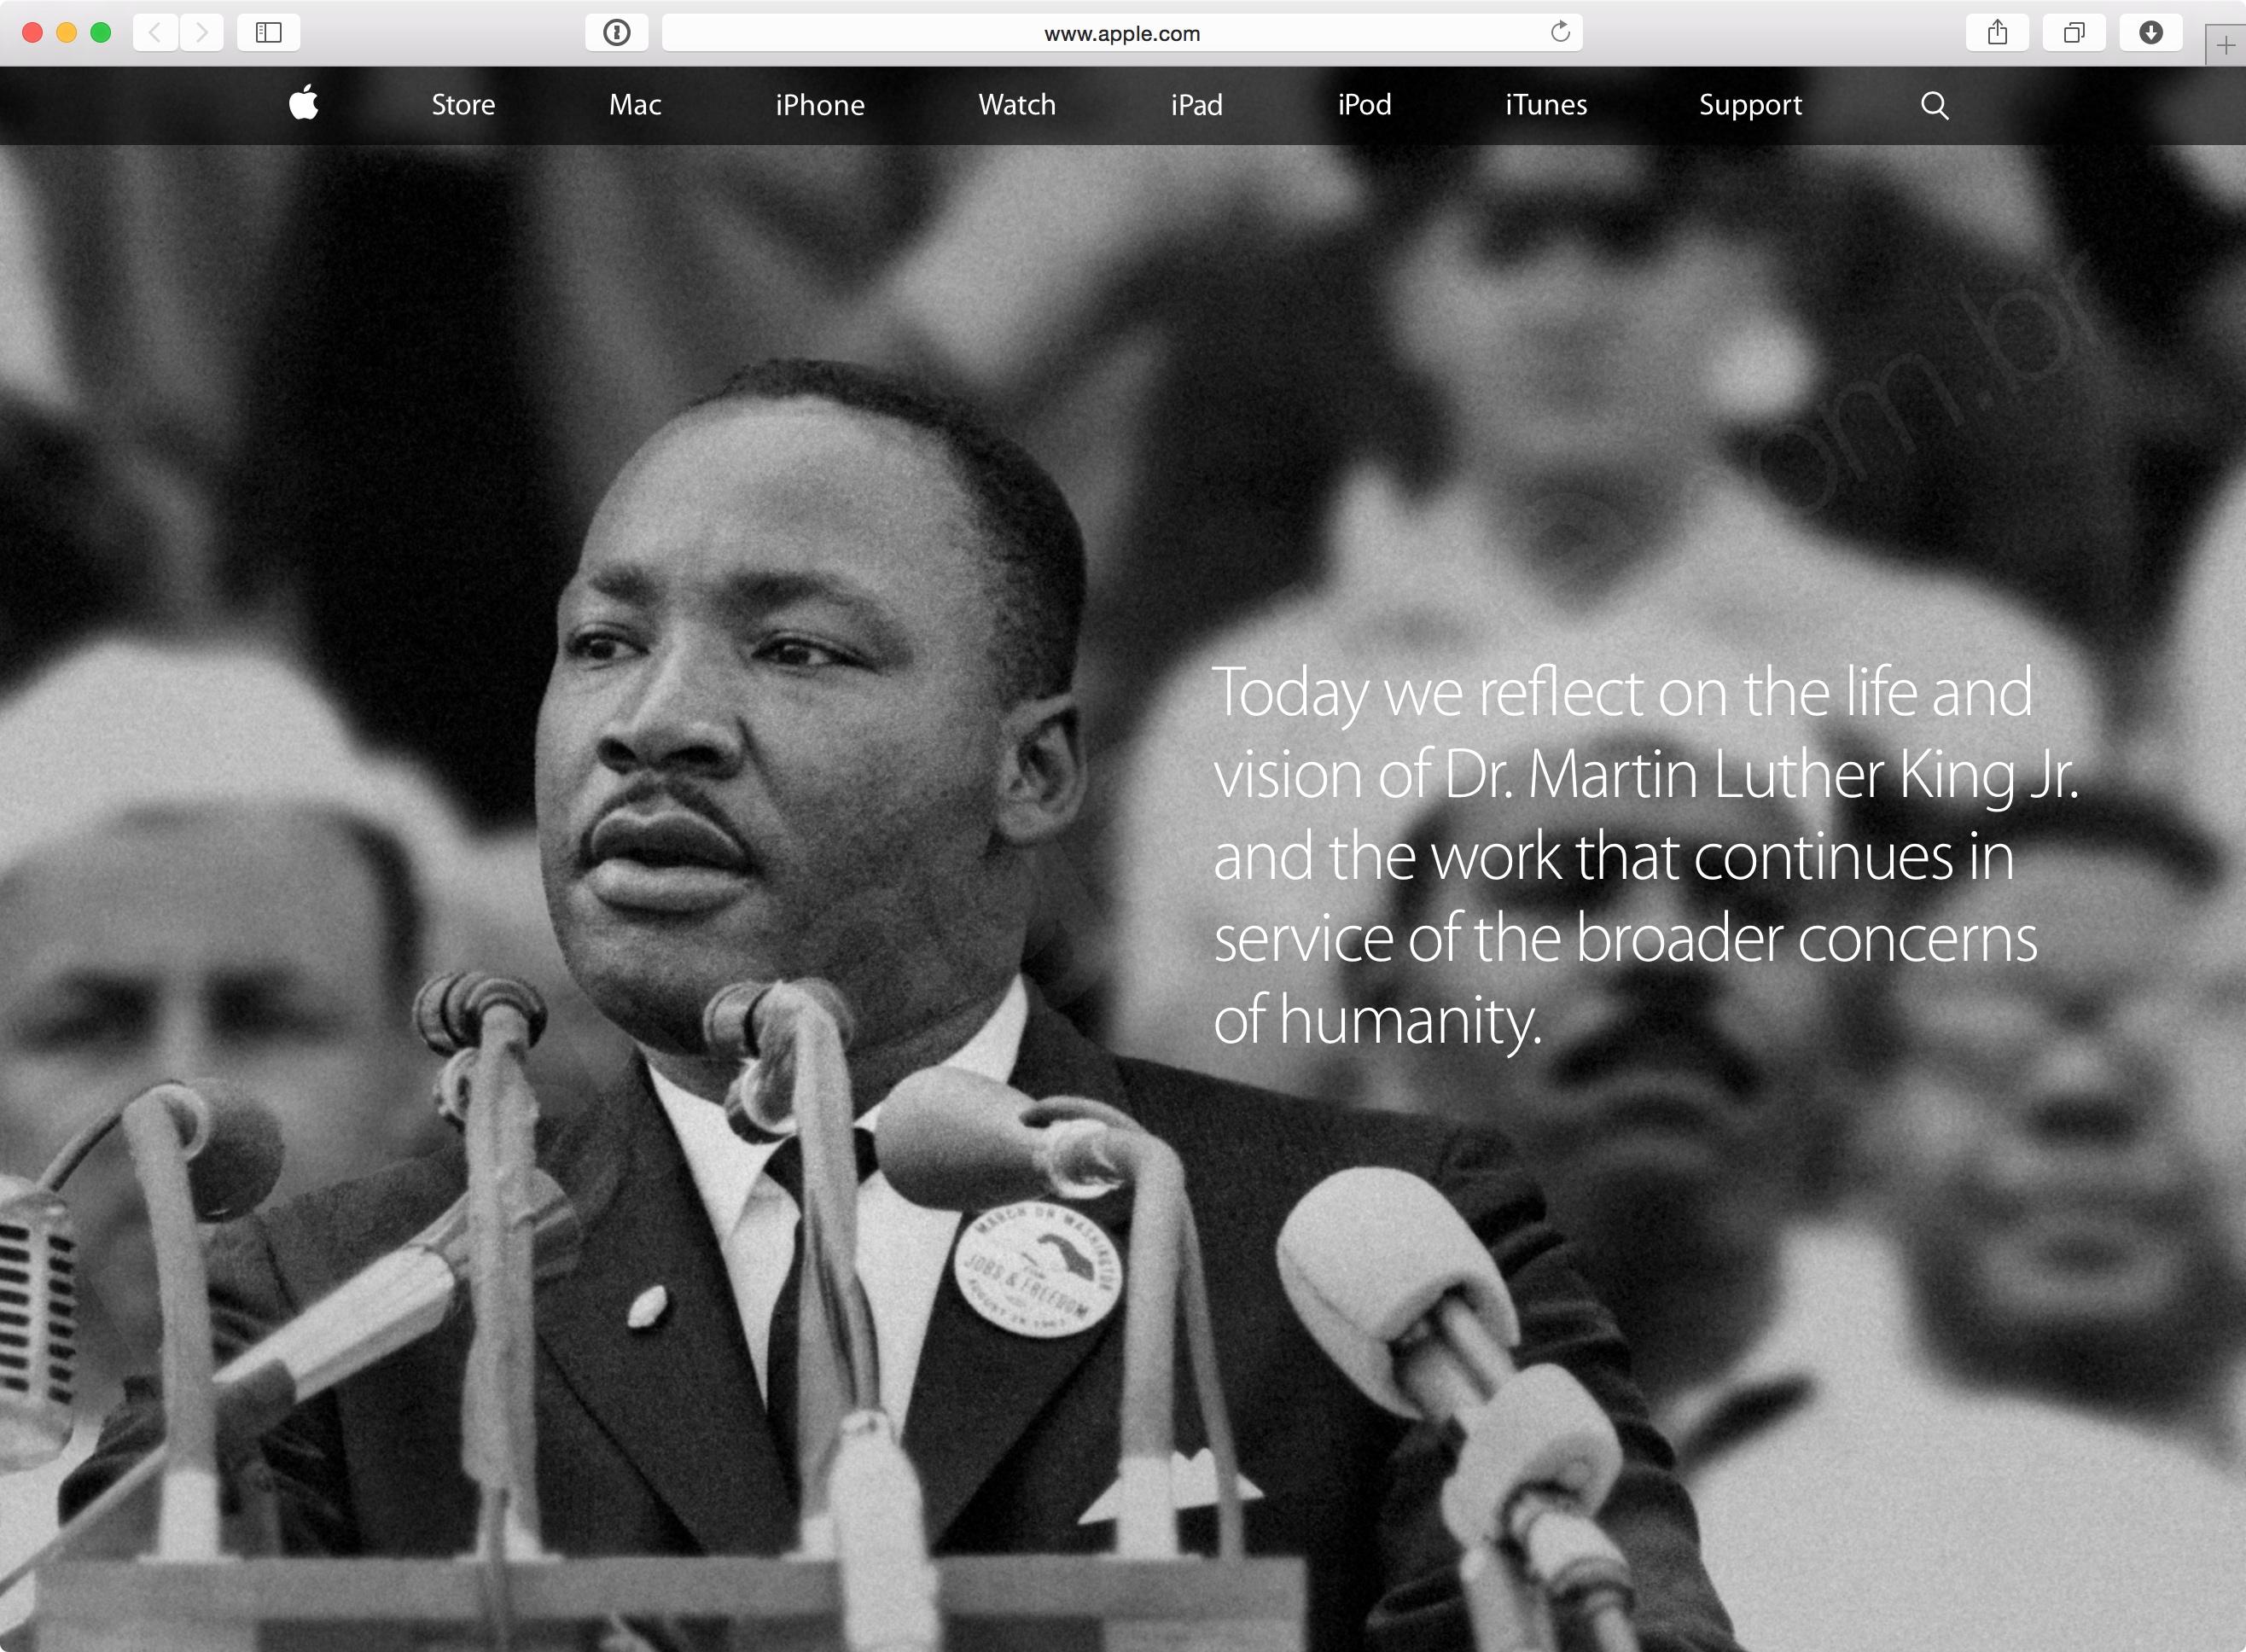 Apple.com em homenagem a Martin Luther King Jr.